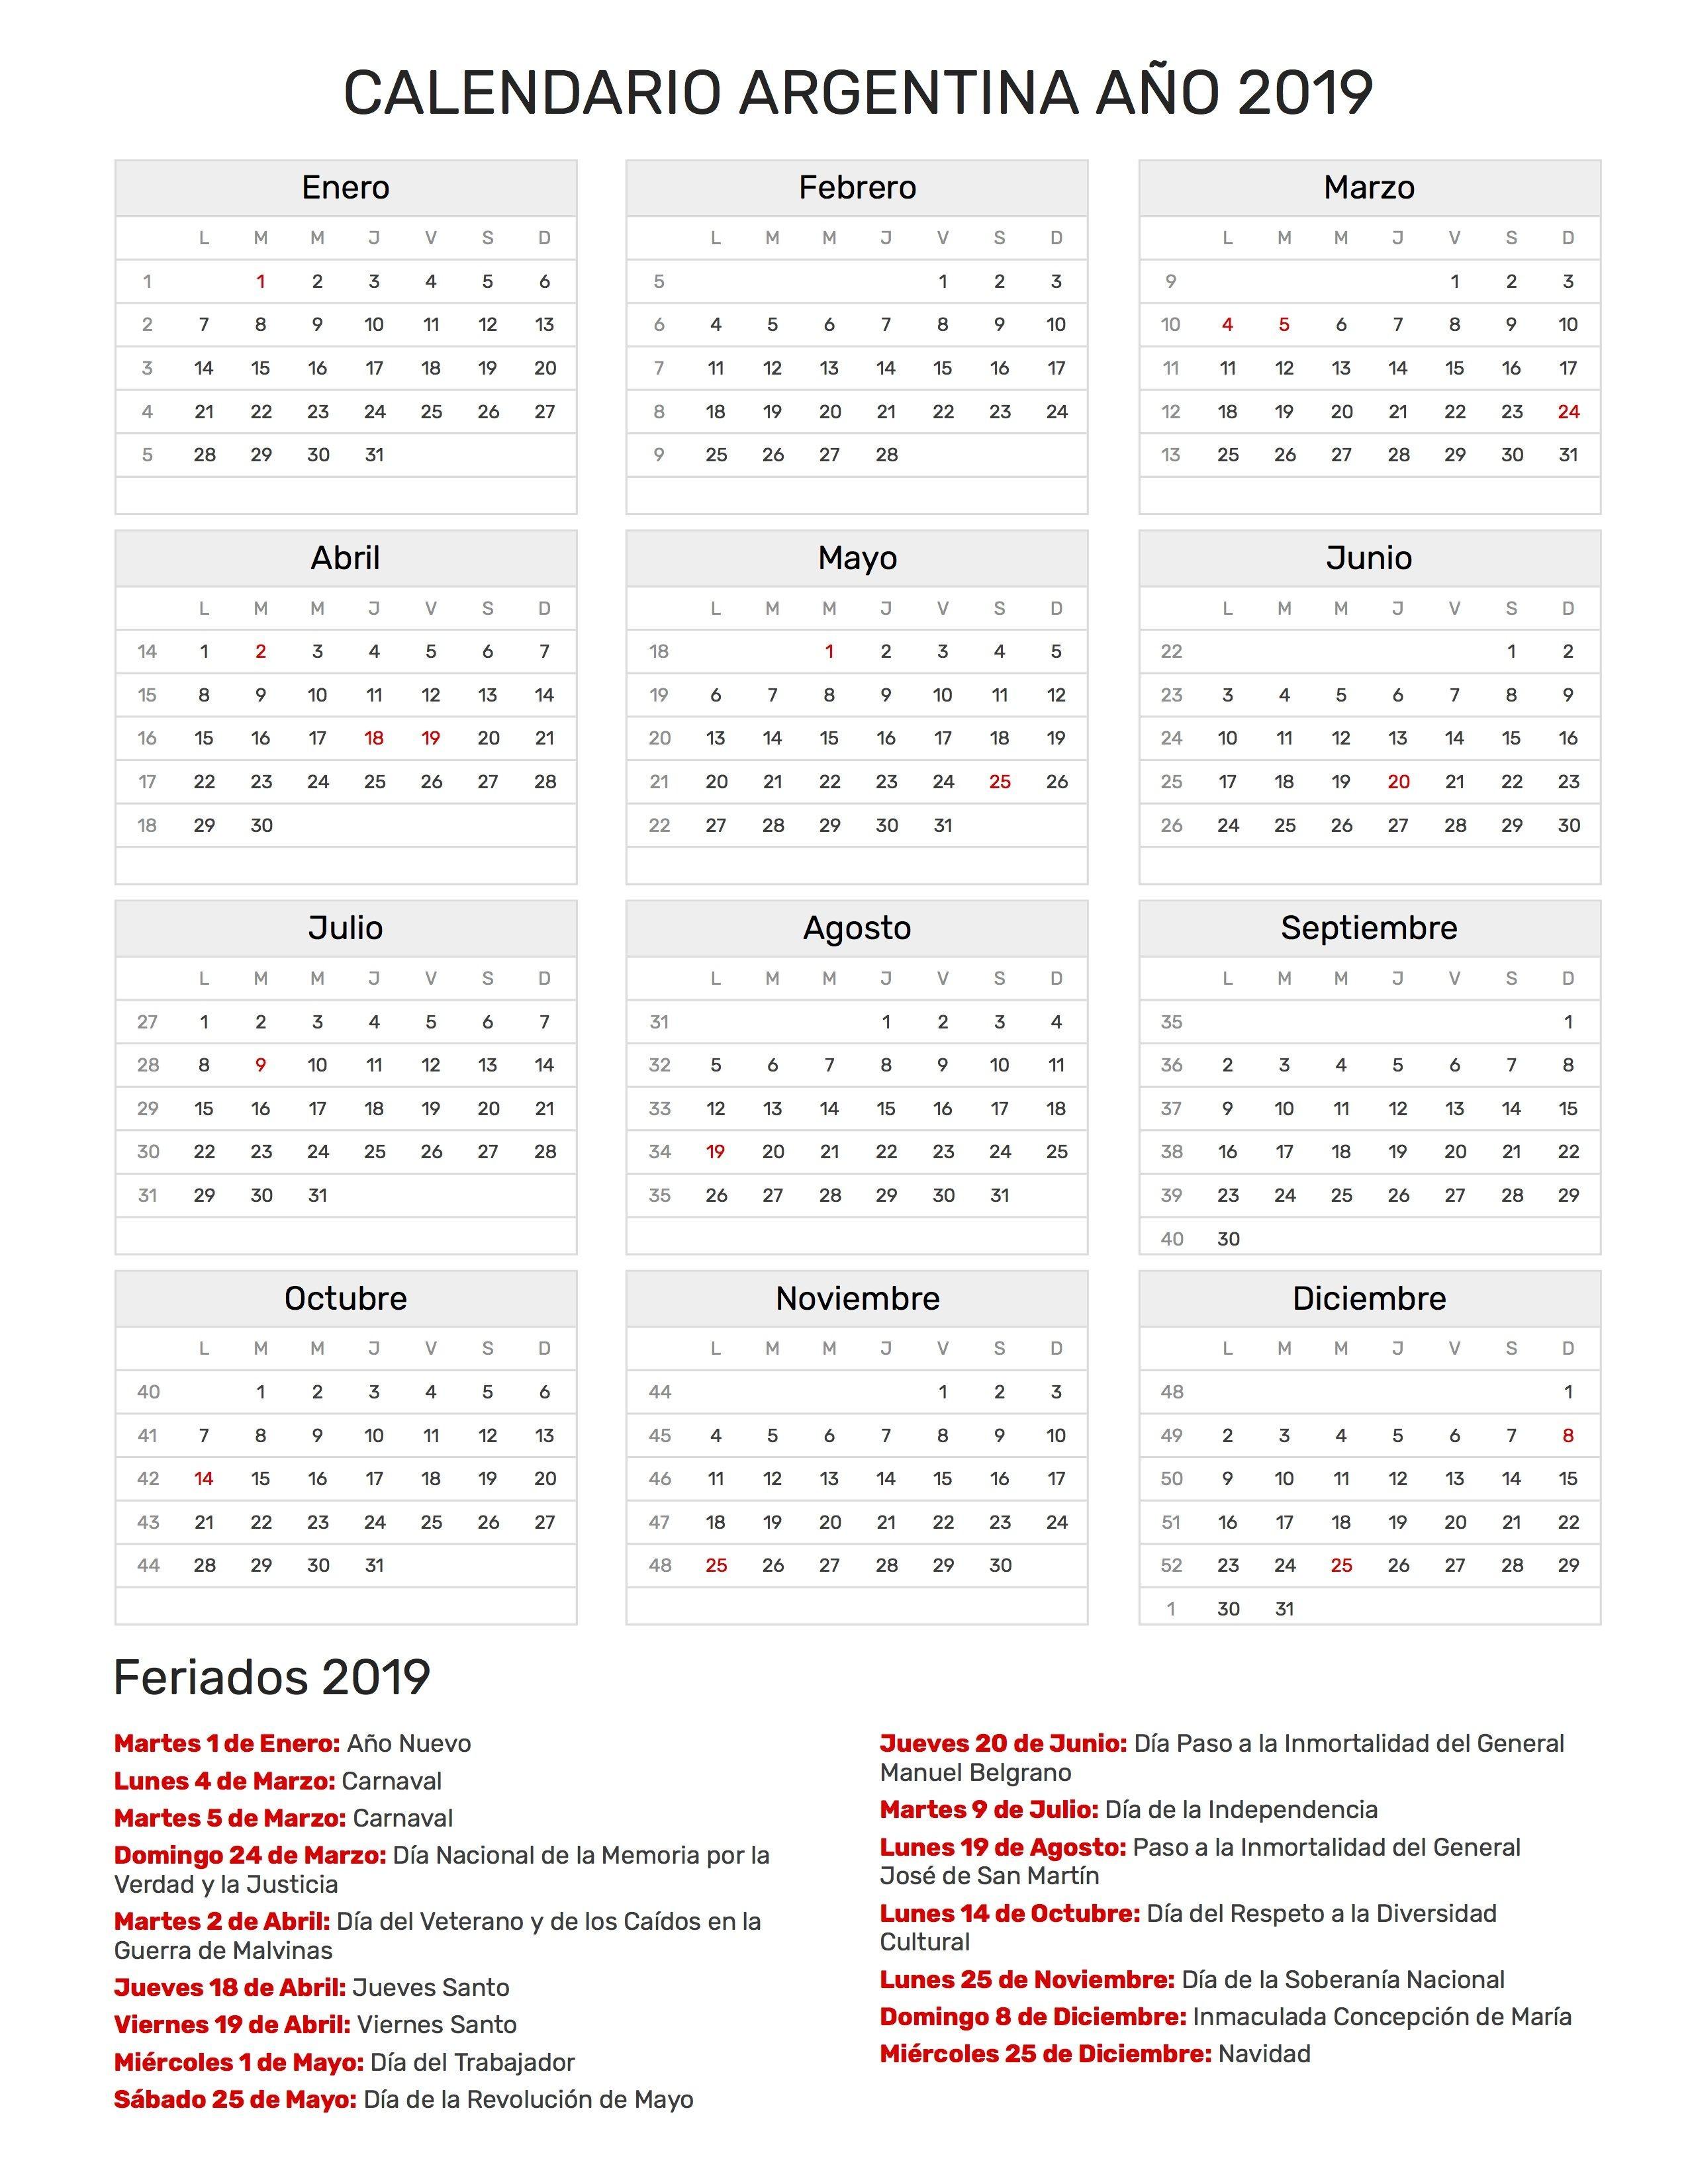 Imagen Calendario 2019 Colombia Más Populares Calendario Diciembre De 2019 53ld Calendario T Of Imagen Calendario 2019 Colombia Actual Avers Juppa Richtung Cavetta